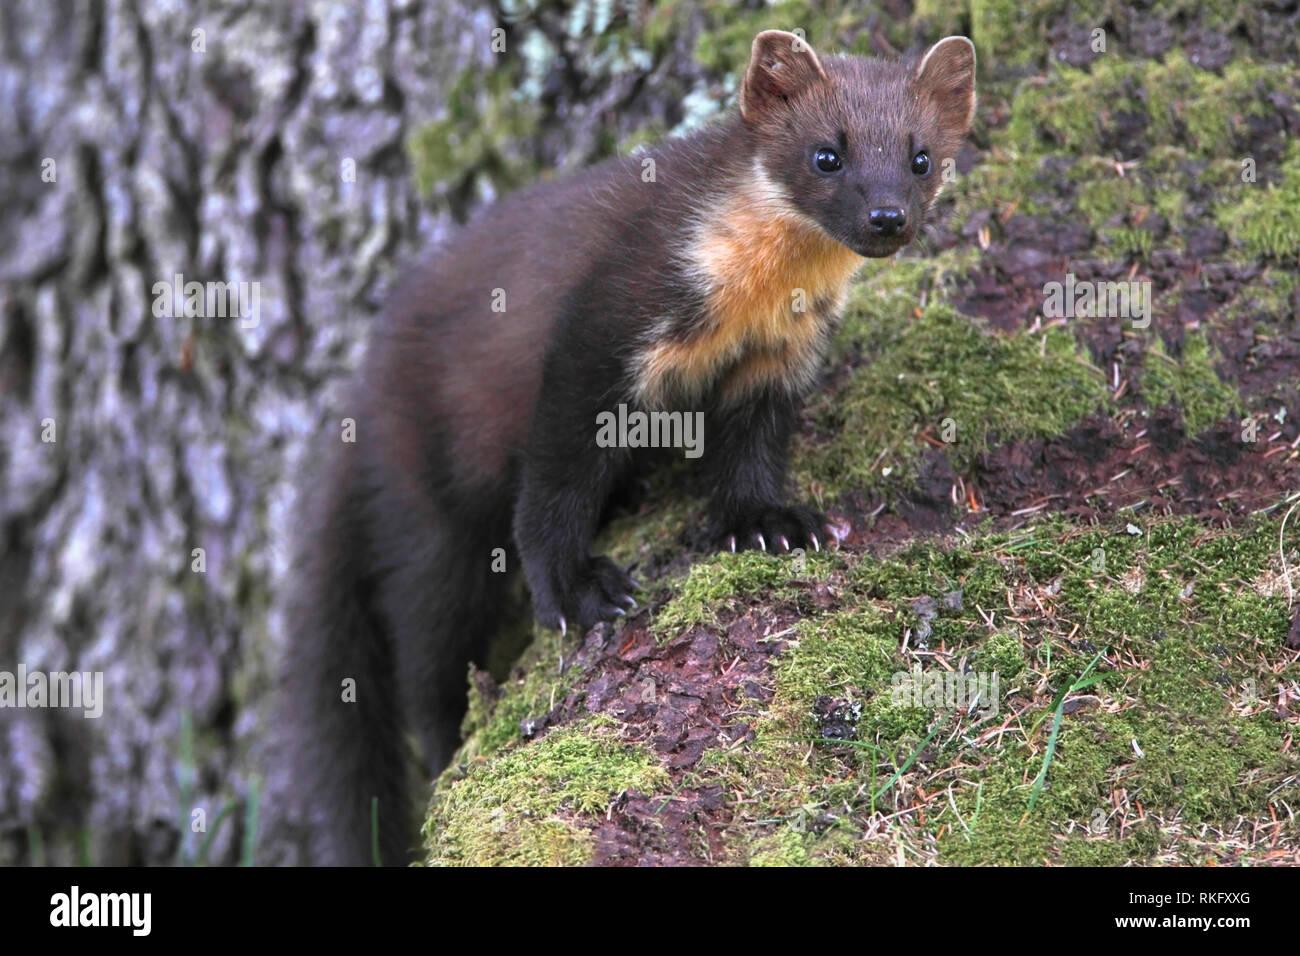 pine-marten-scotland-uk-RKFXXG.jpg